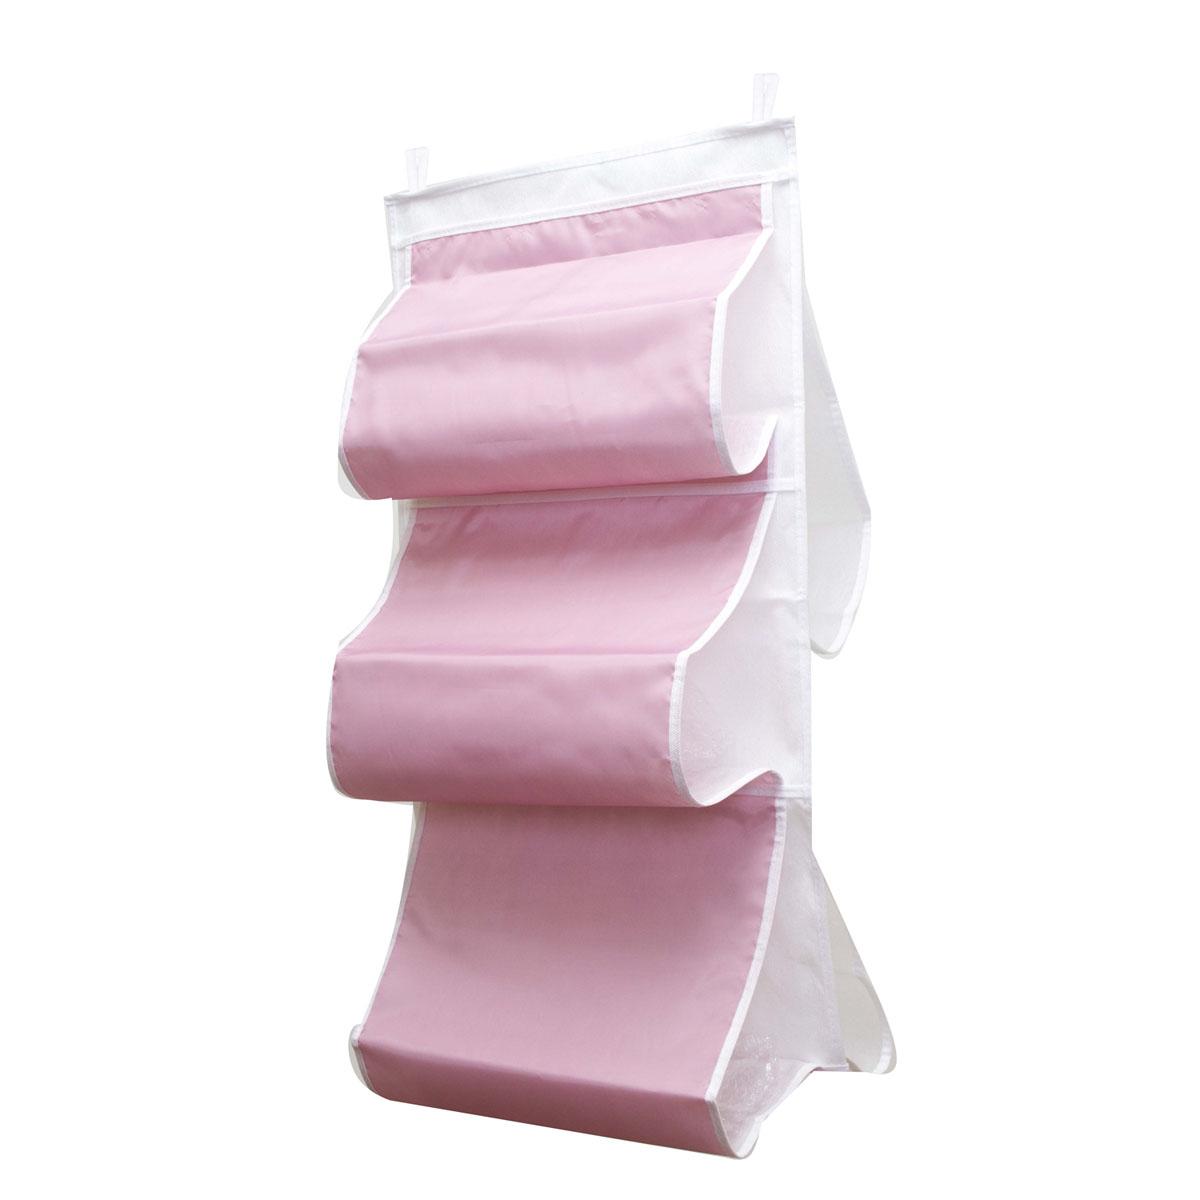 Органайзер для сумок Homsu Capri, 5 отделений, 40 х 70 см19201Органайзер для хранения сумок Homsu Capri изготовлен из полиэстера. Изделие имеет 5 отделений, его можно повесить в удобное место за крючки. Такой компактный и удобный в каждодневном использовании аксессуар, как этот органайзер, размещающийся в пространстве шкафа, на плоскости стены или дверей.Практичный и удобный органайзер для хранения сумок.Размер чехла: 40 х 70 см.